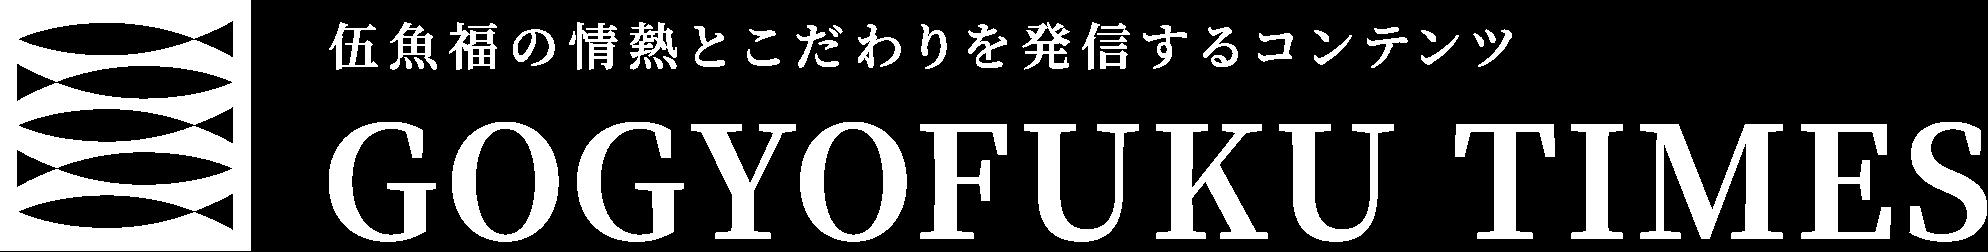 伍魚福の情熱とこだわりを発信するコンテンツ GOGYOFUKU TIMES